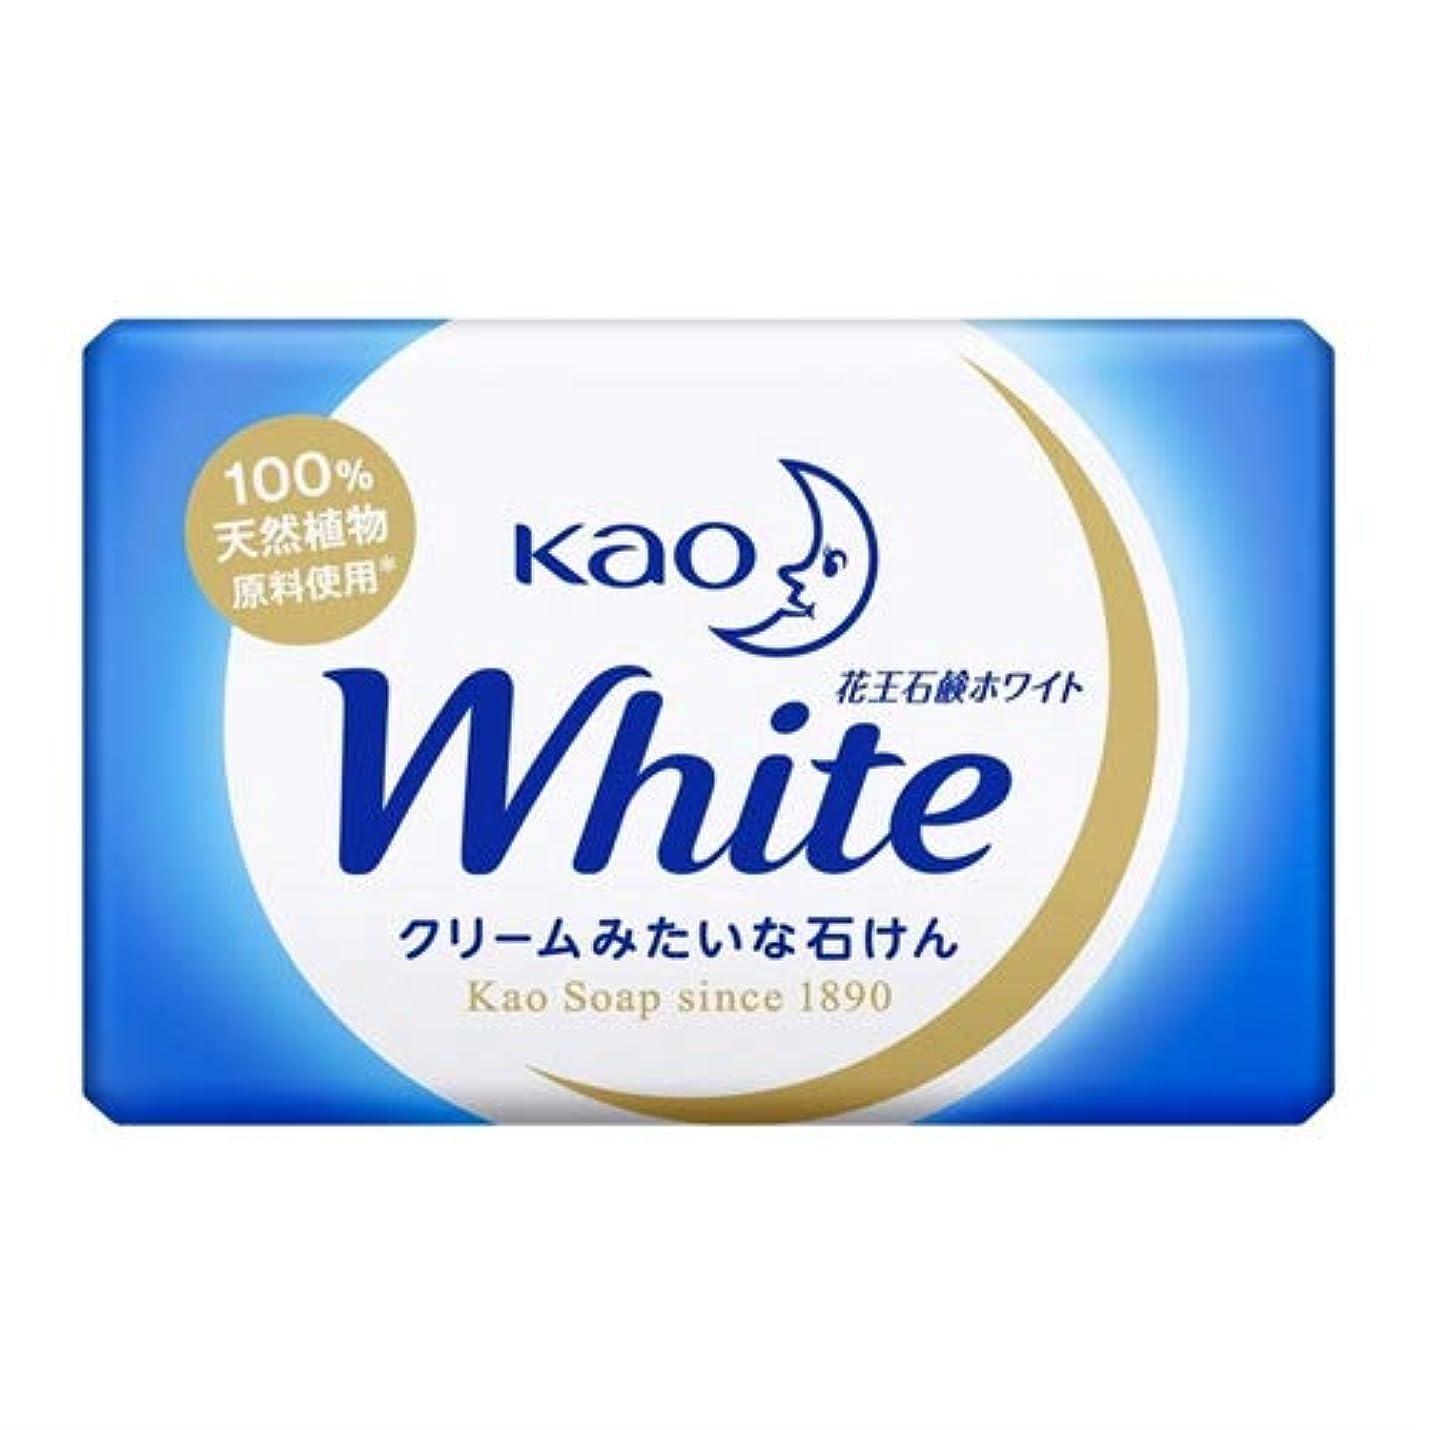 放射する動物ロープ花王石鹸ホワイト 業務用ミニサイズ 15g × 10個セット